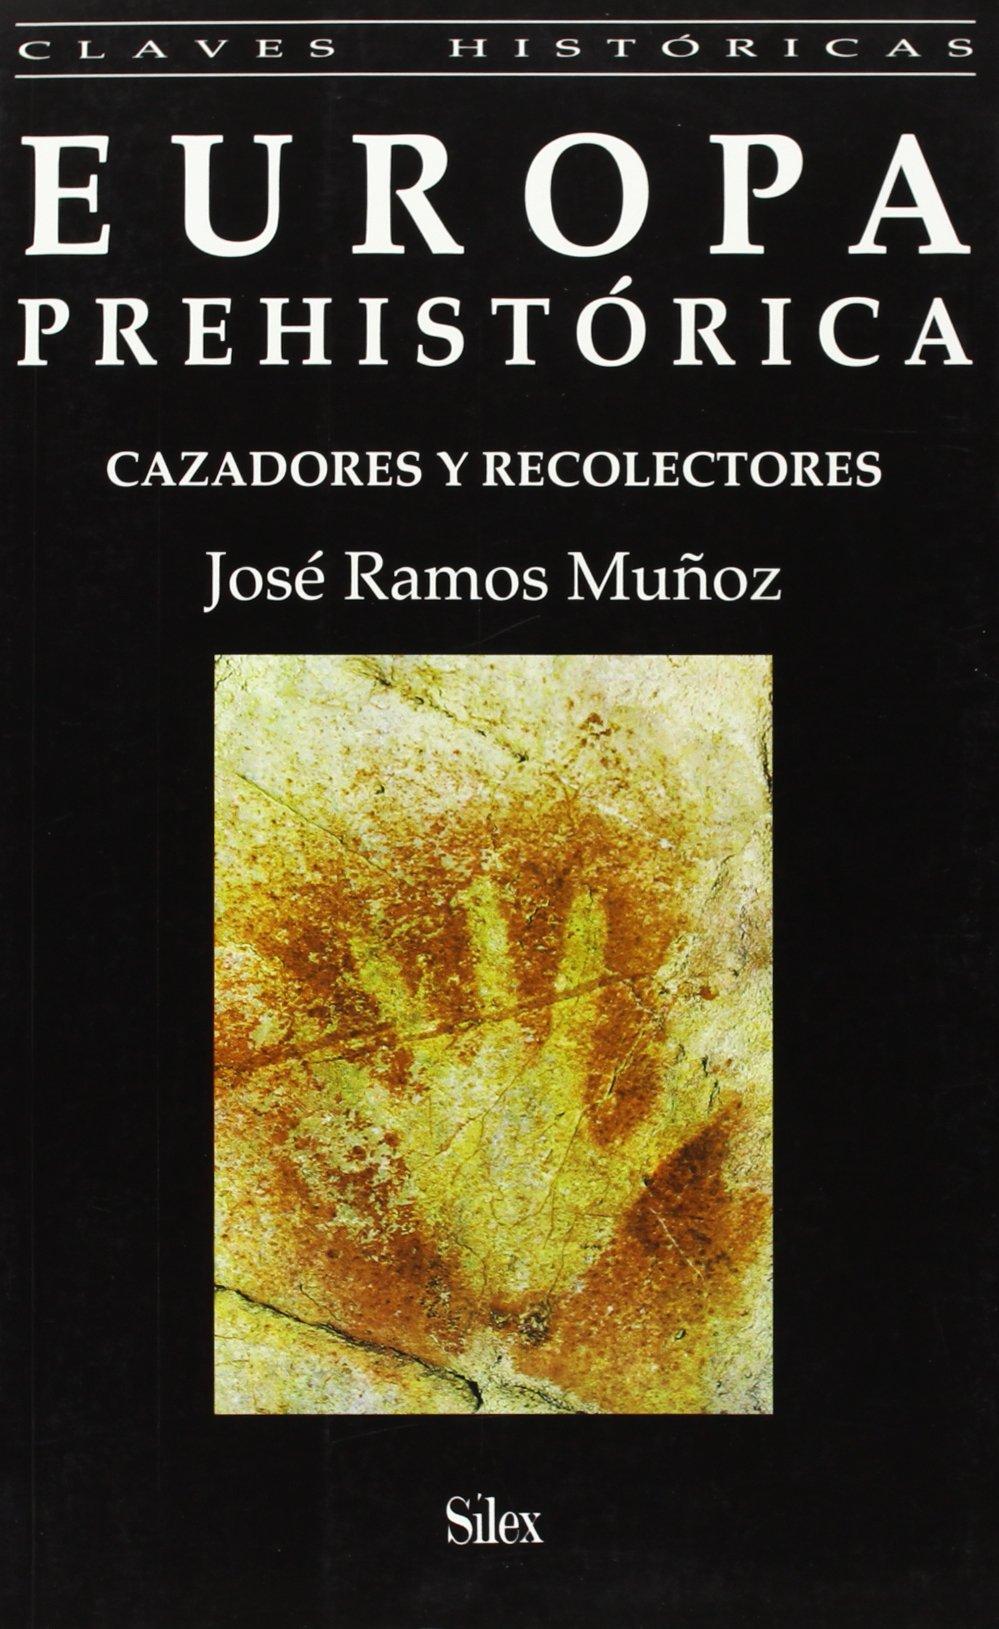 Europa Prehistórica: Cazadores y recolectores (Colección Claves Históricas) Tapa blanda – 10 oct 1999 José Ramos Muñoz SÍLEX EDICIONES S.L. 8477370826